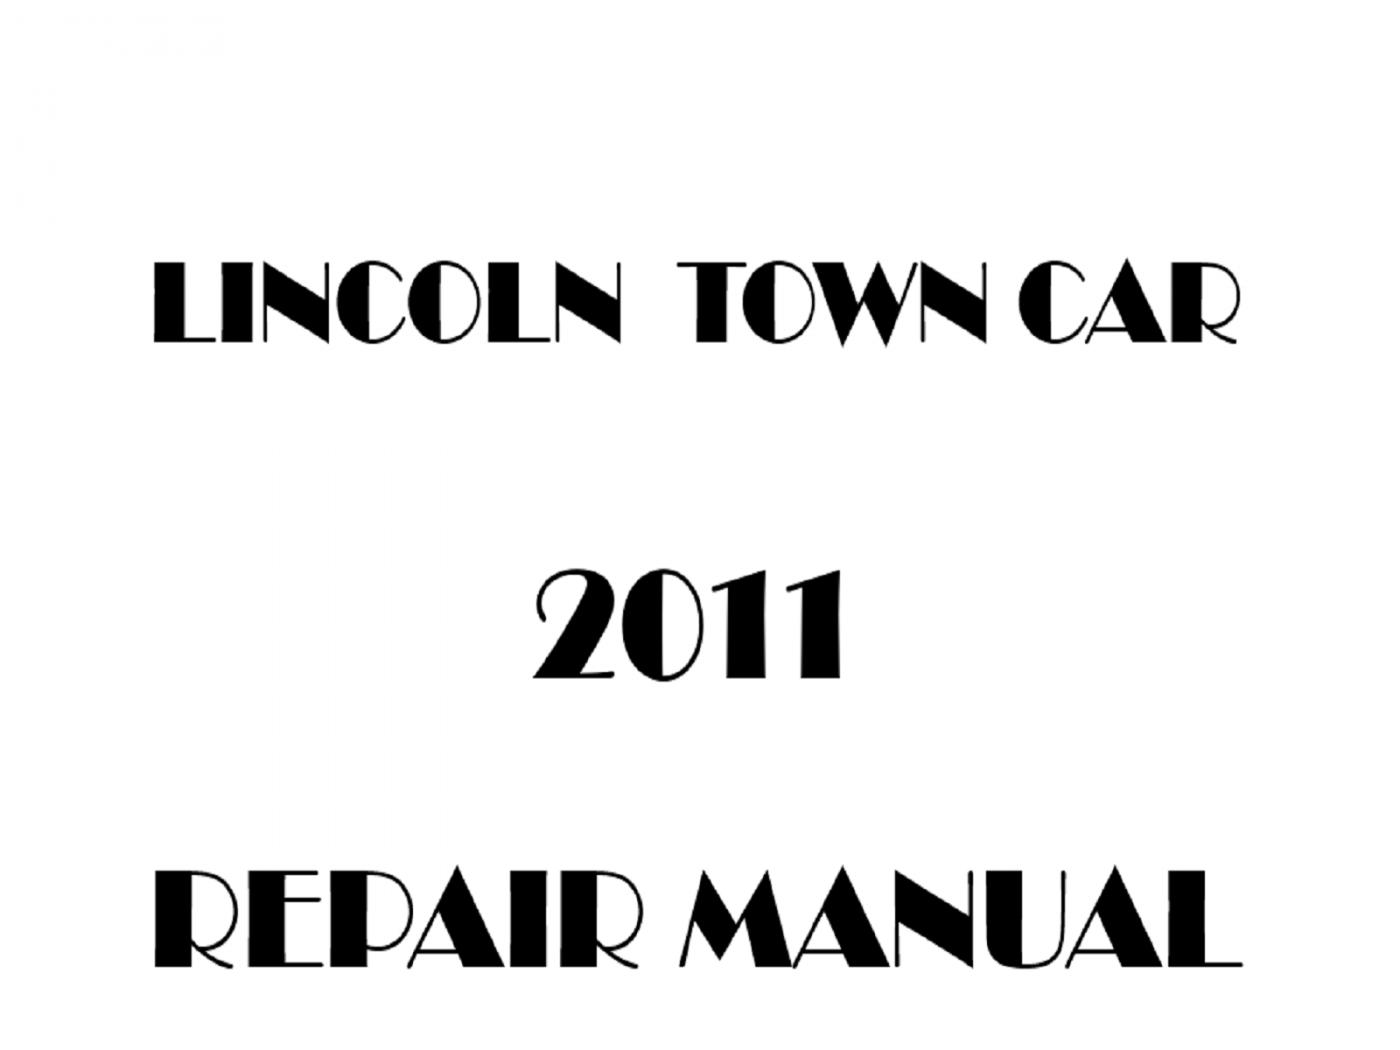 2011 Lincoln Town Car repair manual